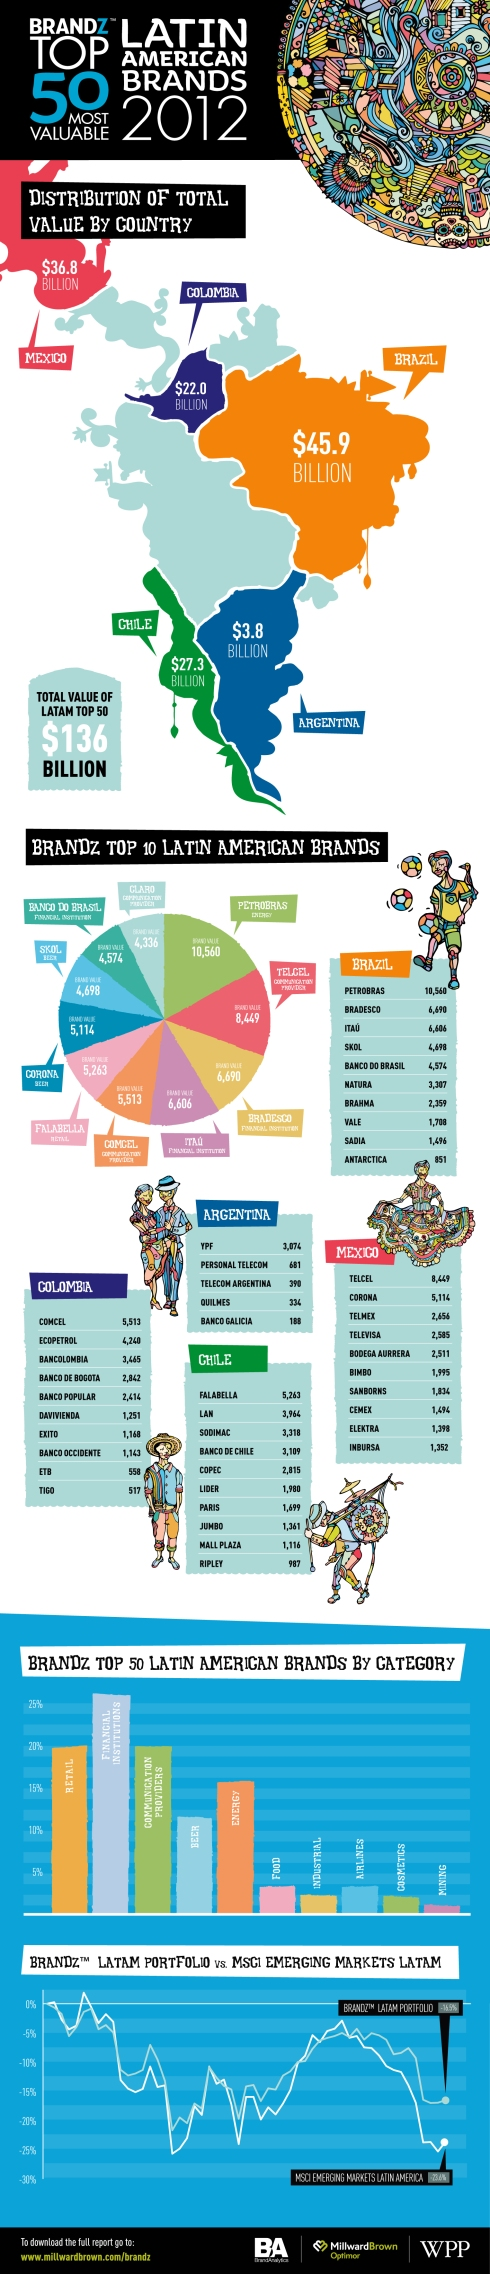 9672 MB BrandZ LatAm Top 10 Infographic v9 JB MB